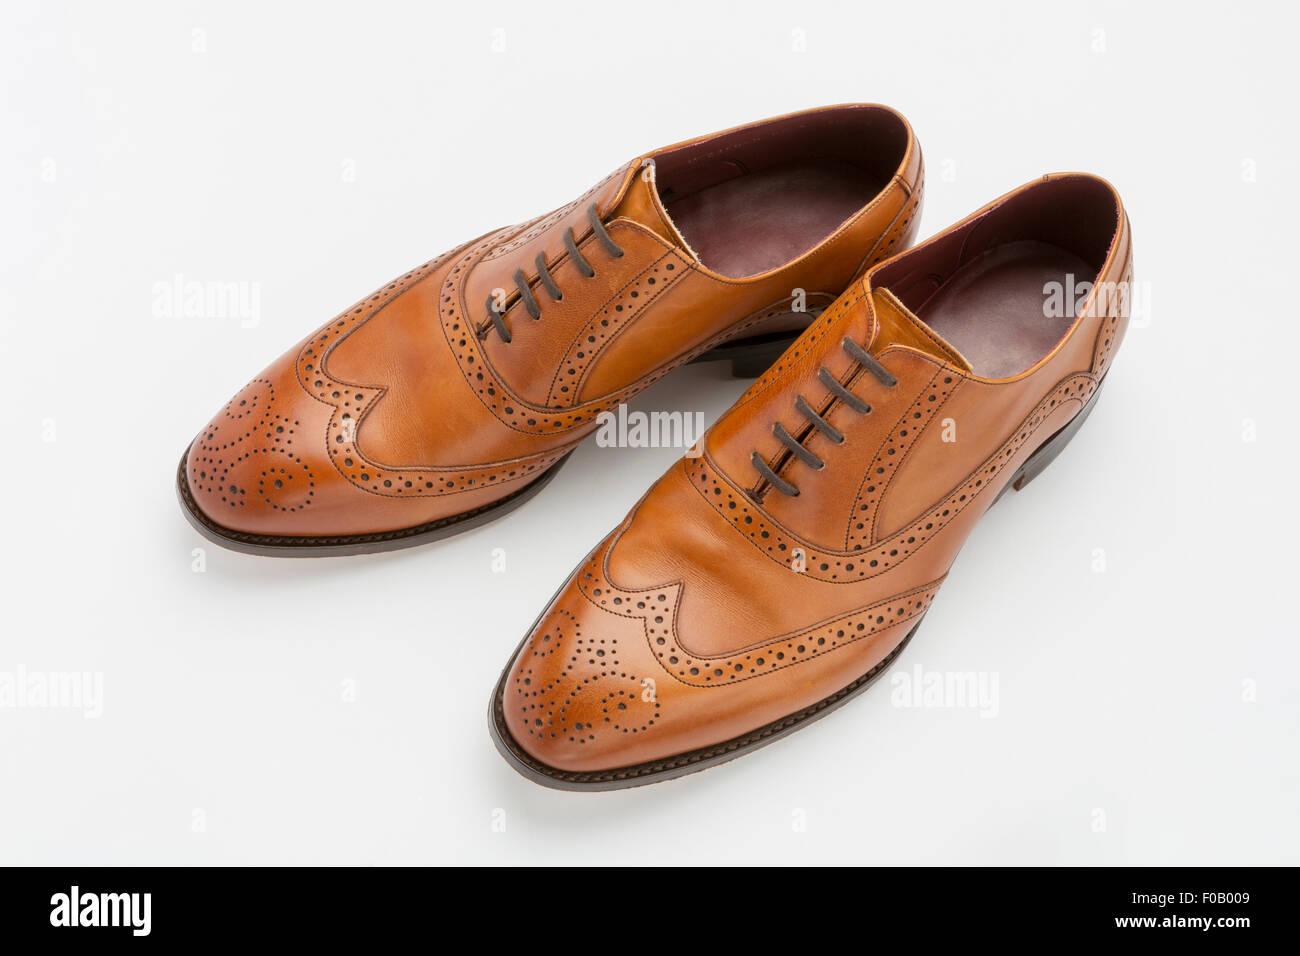 Paar englische Full Brogue Brown Schuhe isoliert auf einem